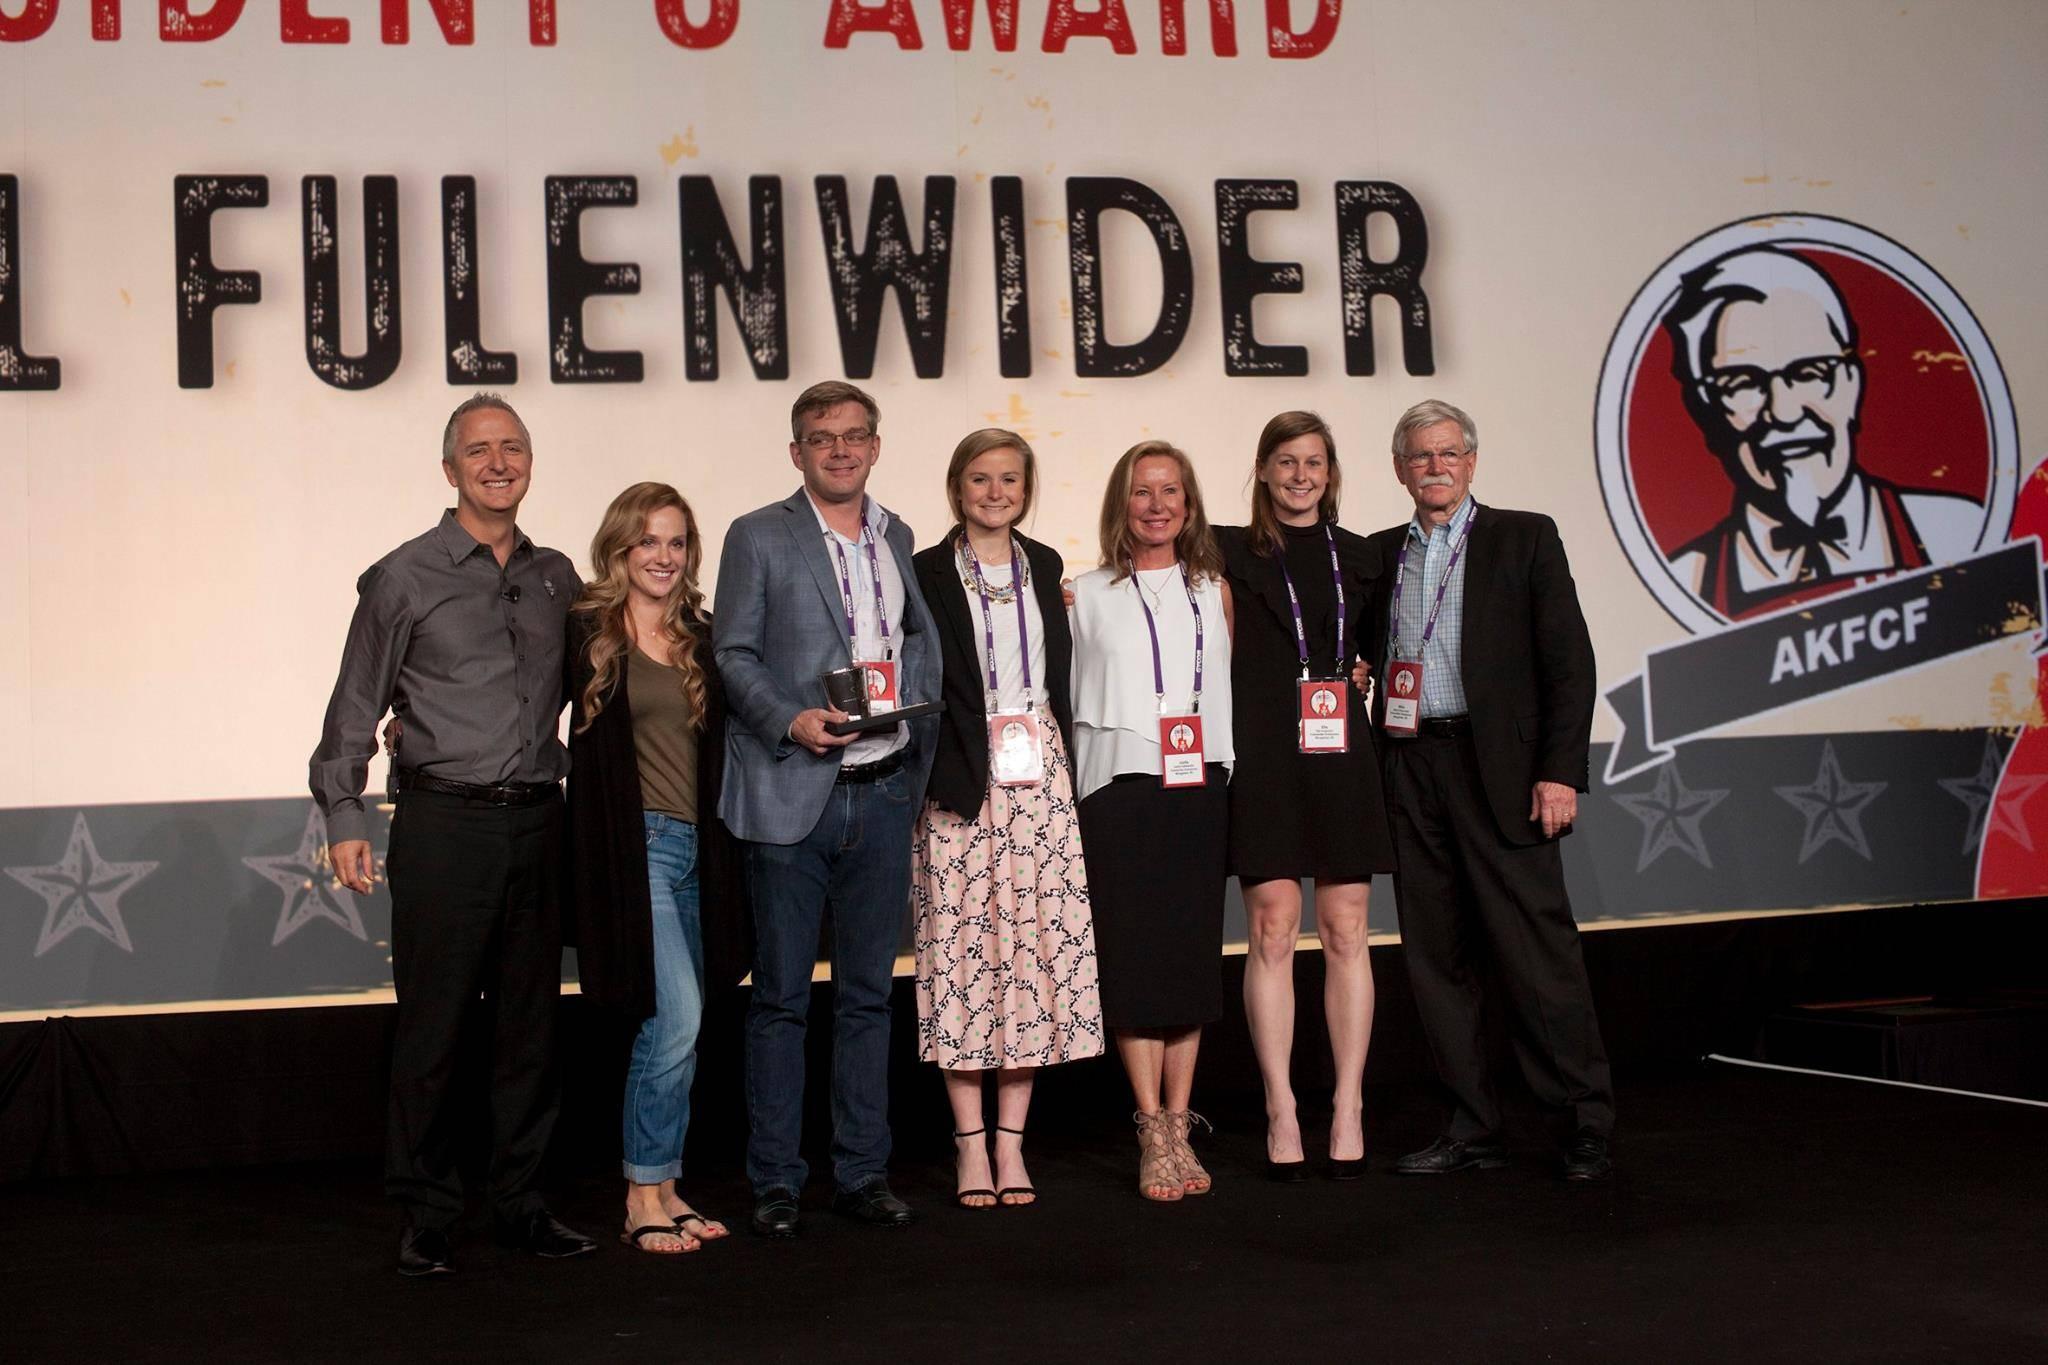 KFCC President's Award